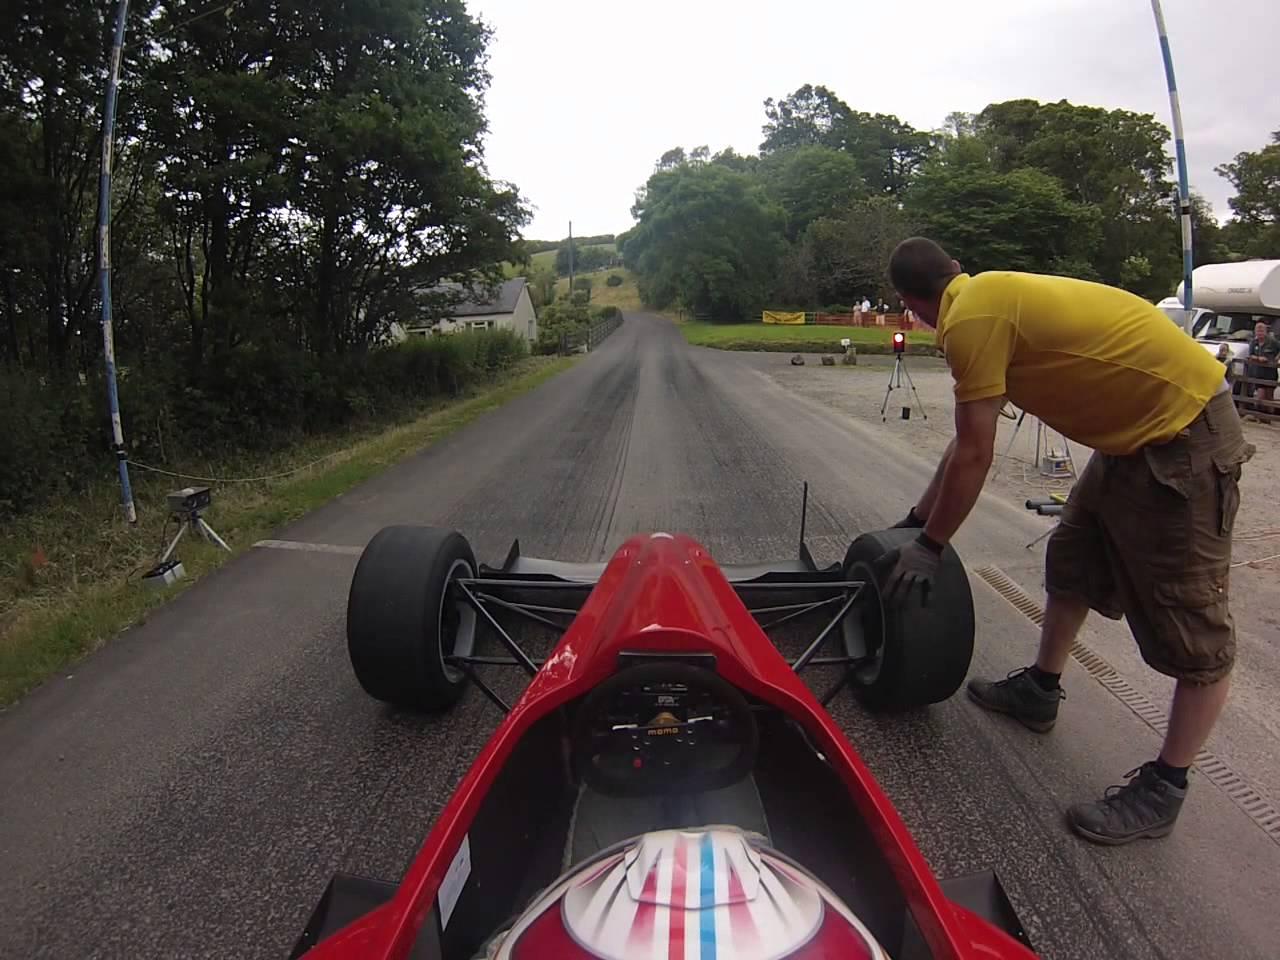 Profesionální řidič jede tak rychle až se vám z toho zatají dech!